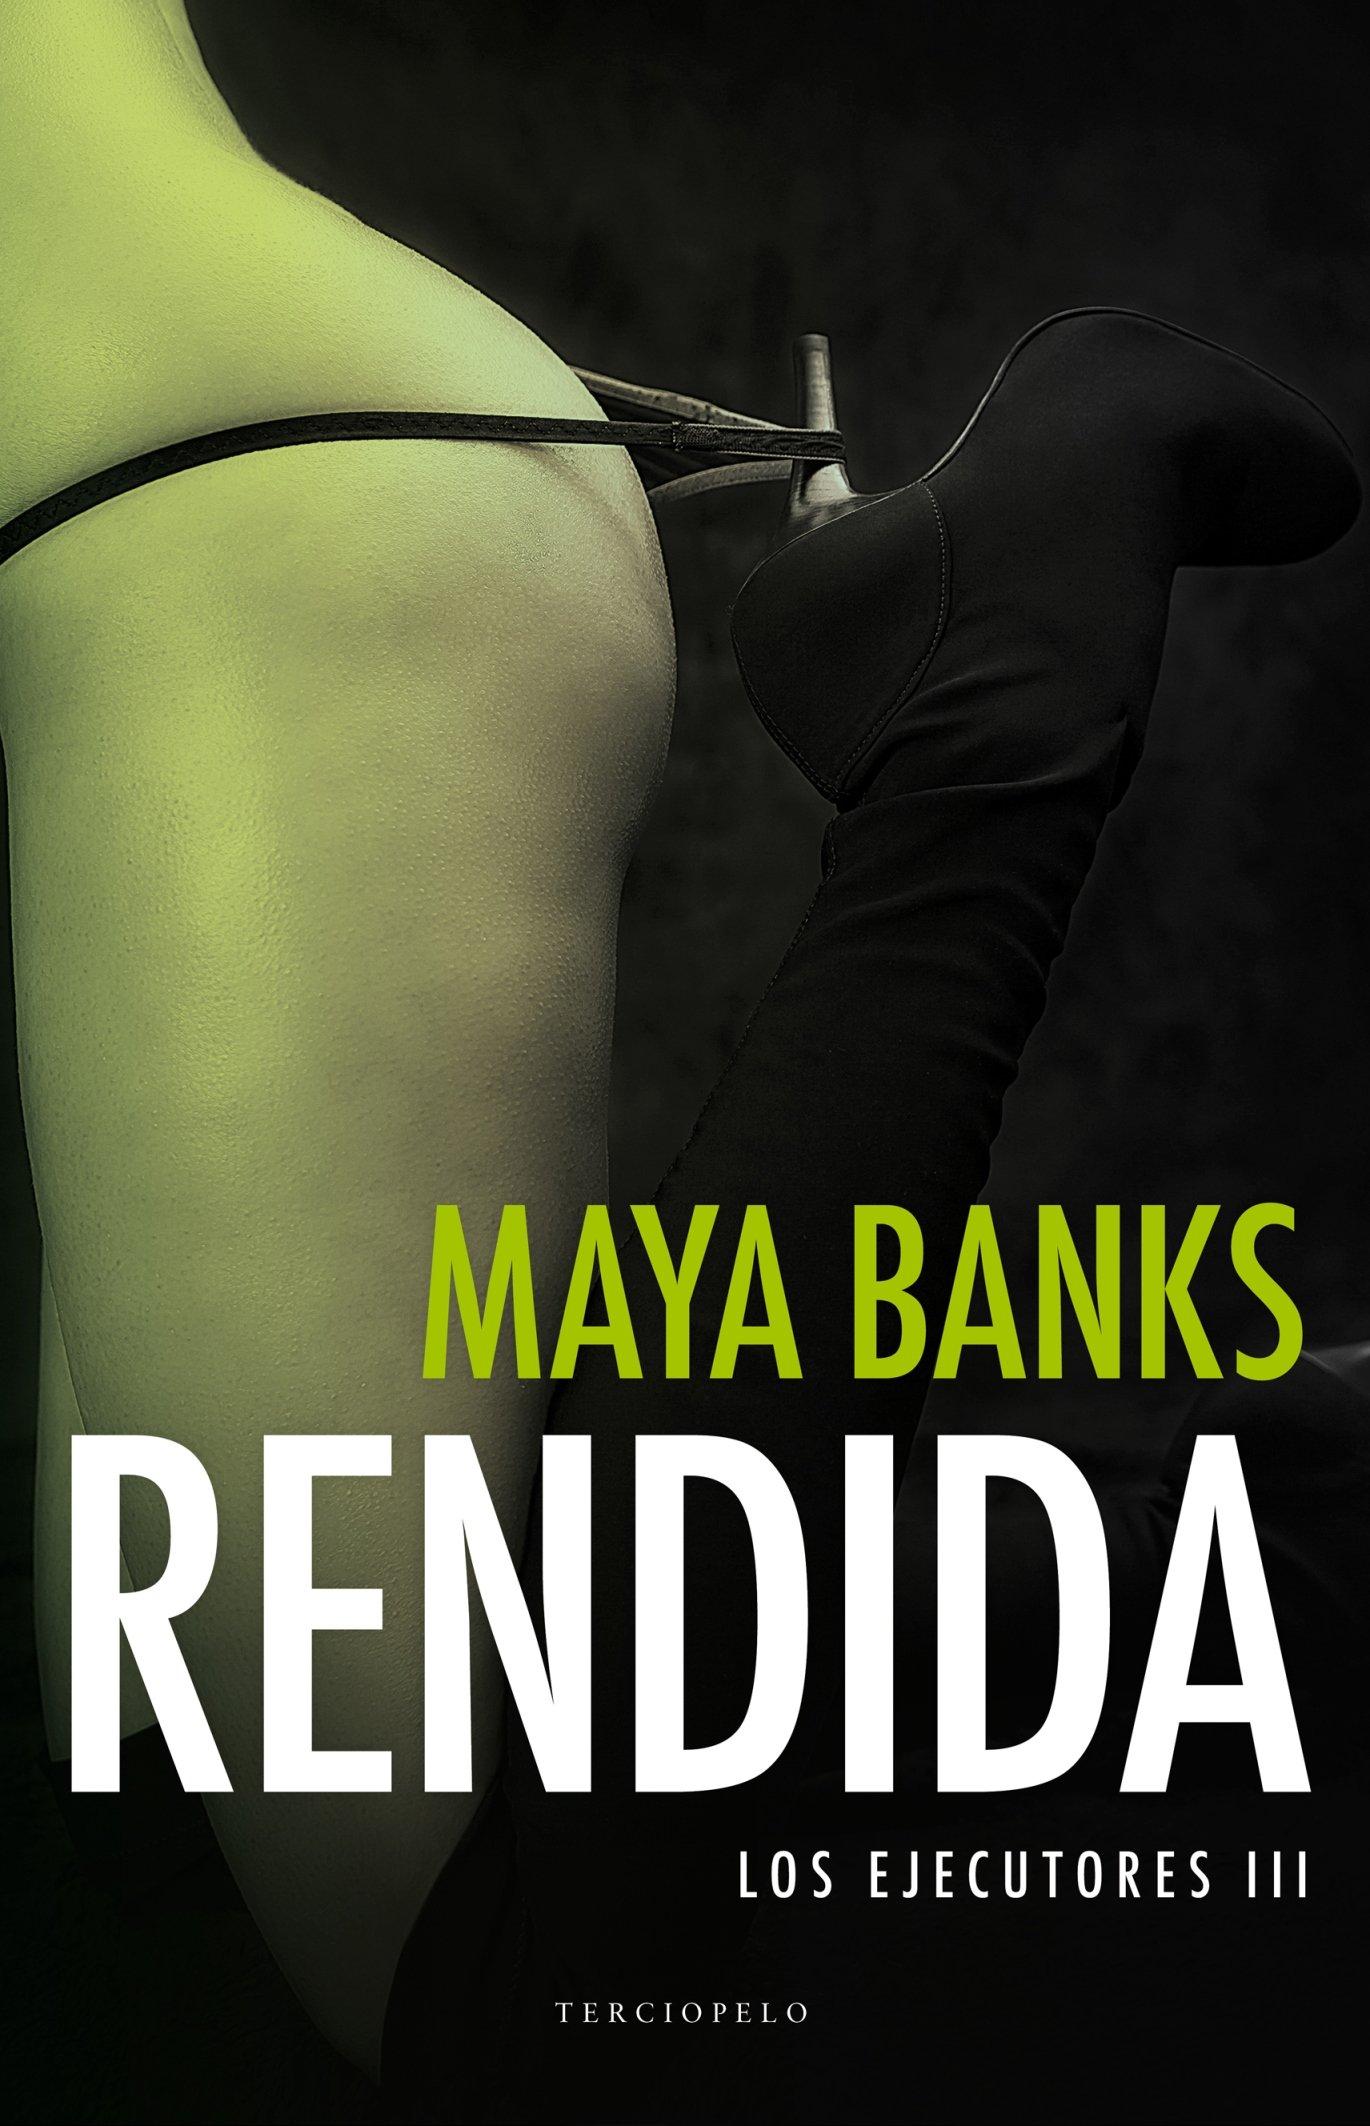 Resultado de imagen para rendida maya banks